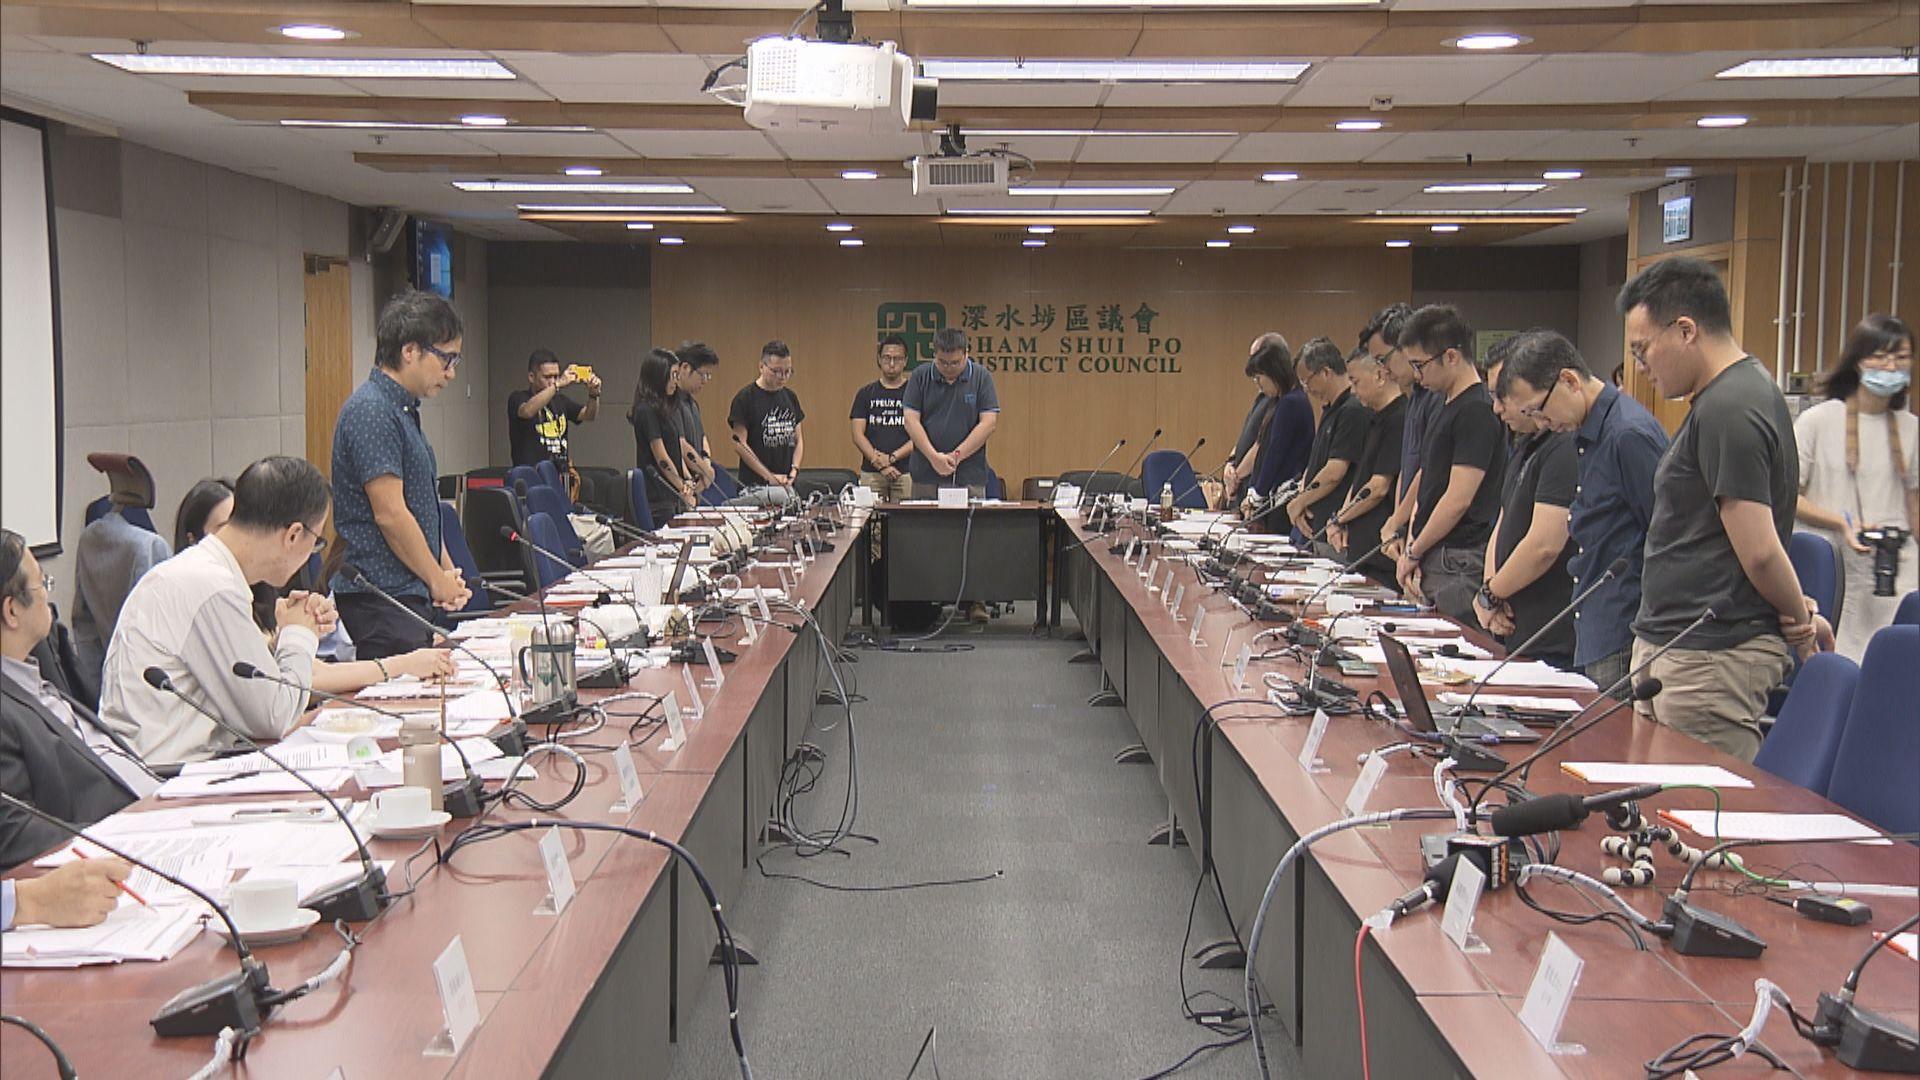 深水埗民主派區議員擬商修例風波建制派離場